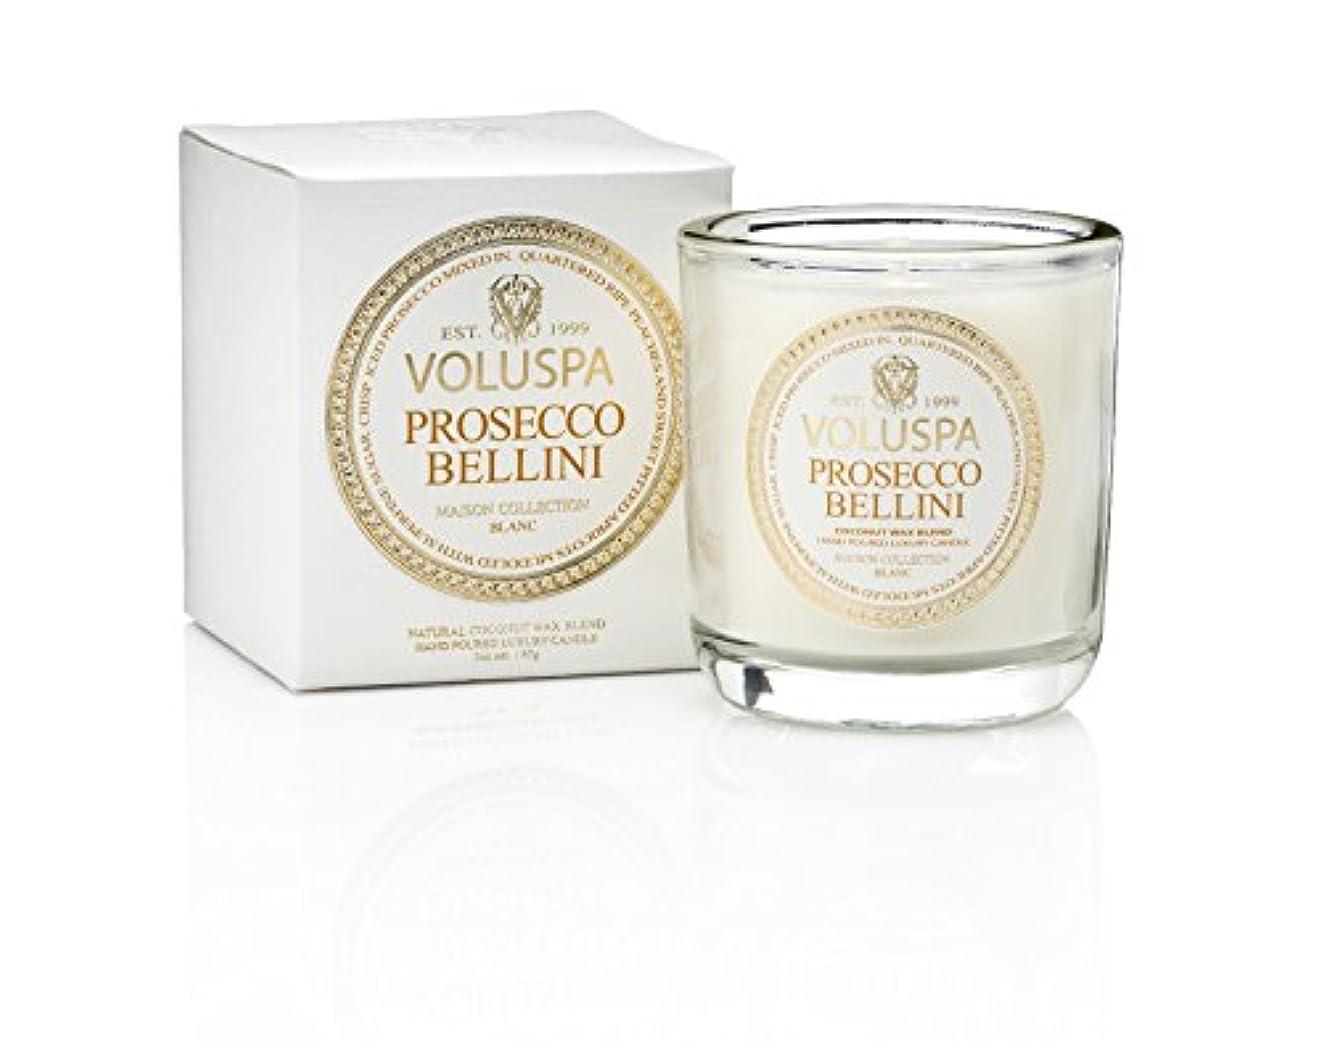 スクラブ貫通子羊VOLUSPA メゾンブラン ミニグラスキャンドル Prosecco Bellini プロセッコベッリーニ MAISON BLANK GLASS CANDLE mini ボルスパ